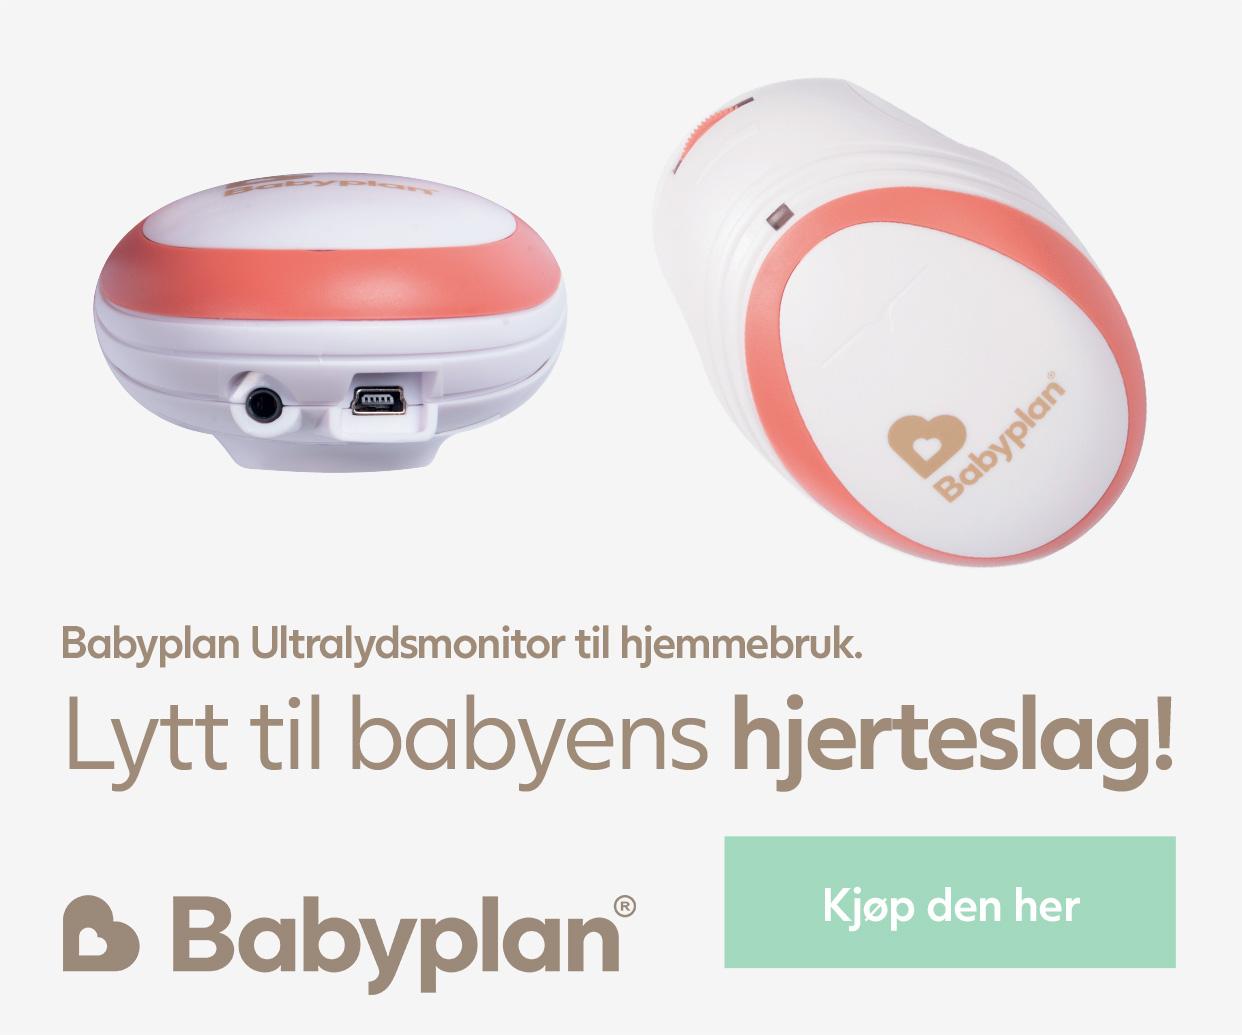 Kjøp Babyplan Ultralydsmonitor her